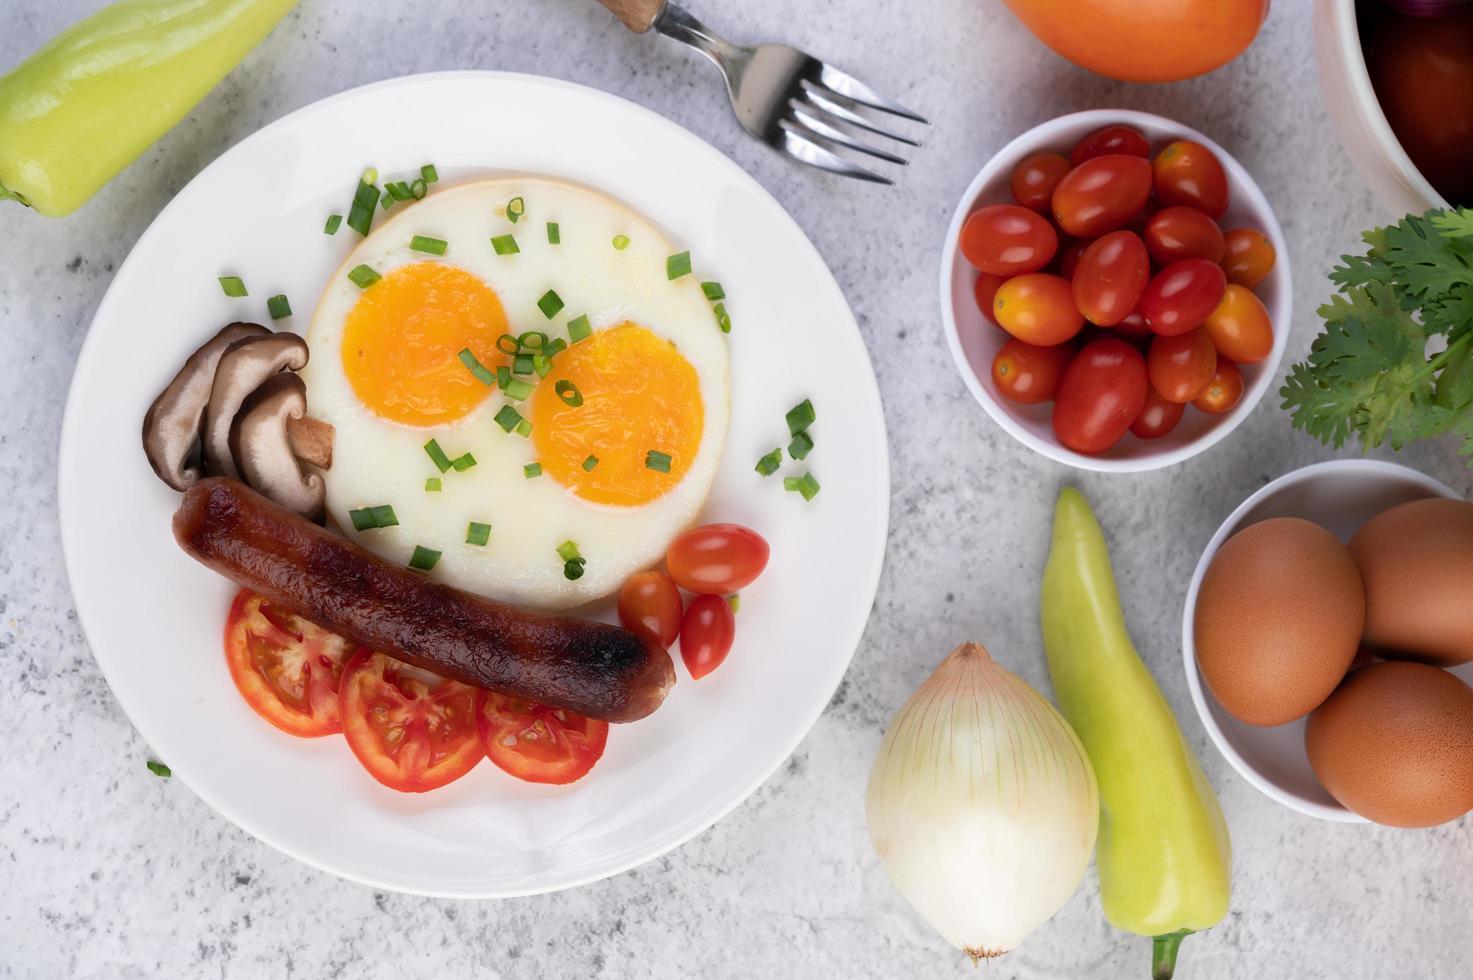 Frühstücksteller mit Spiegeleiern, Tomaten, chinesischer Wurst und Pilzen foto